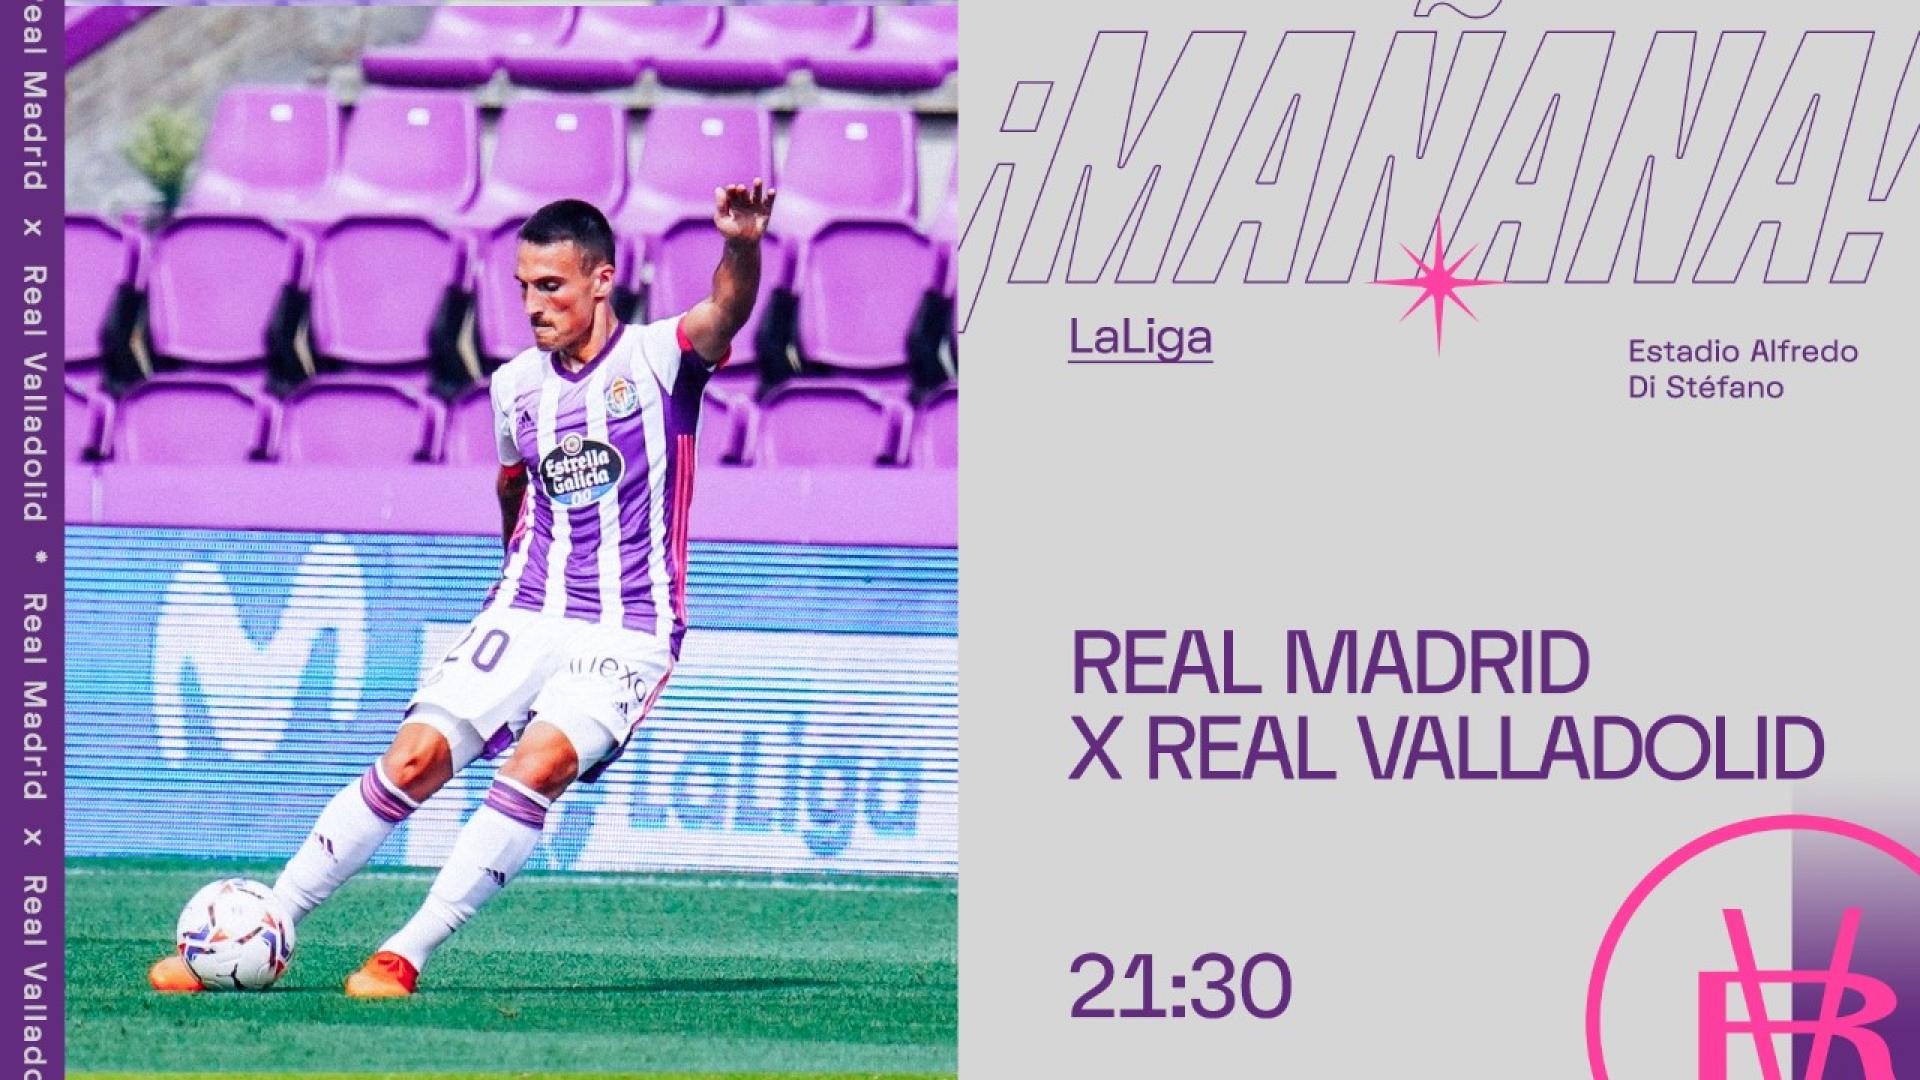 Real Madrid C.F. - Real Valladolid C.F. Miércoles 30 de Septiembre. 21:30 Partido-RMA